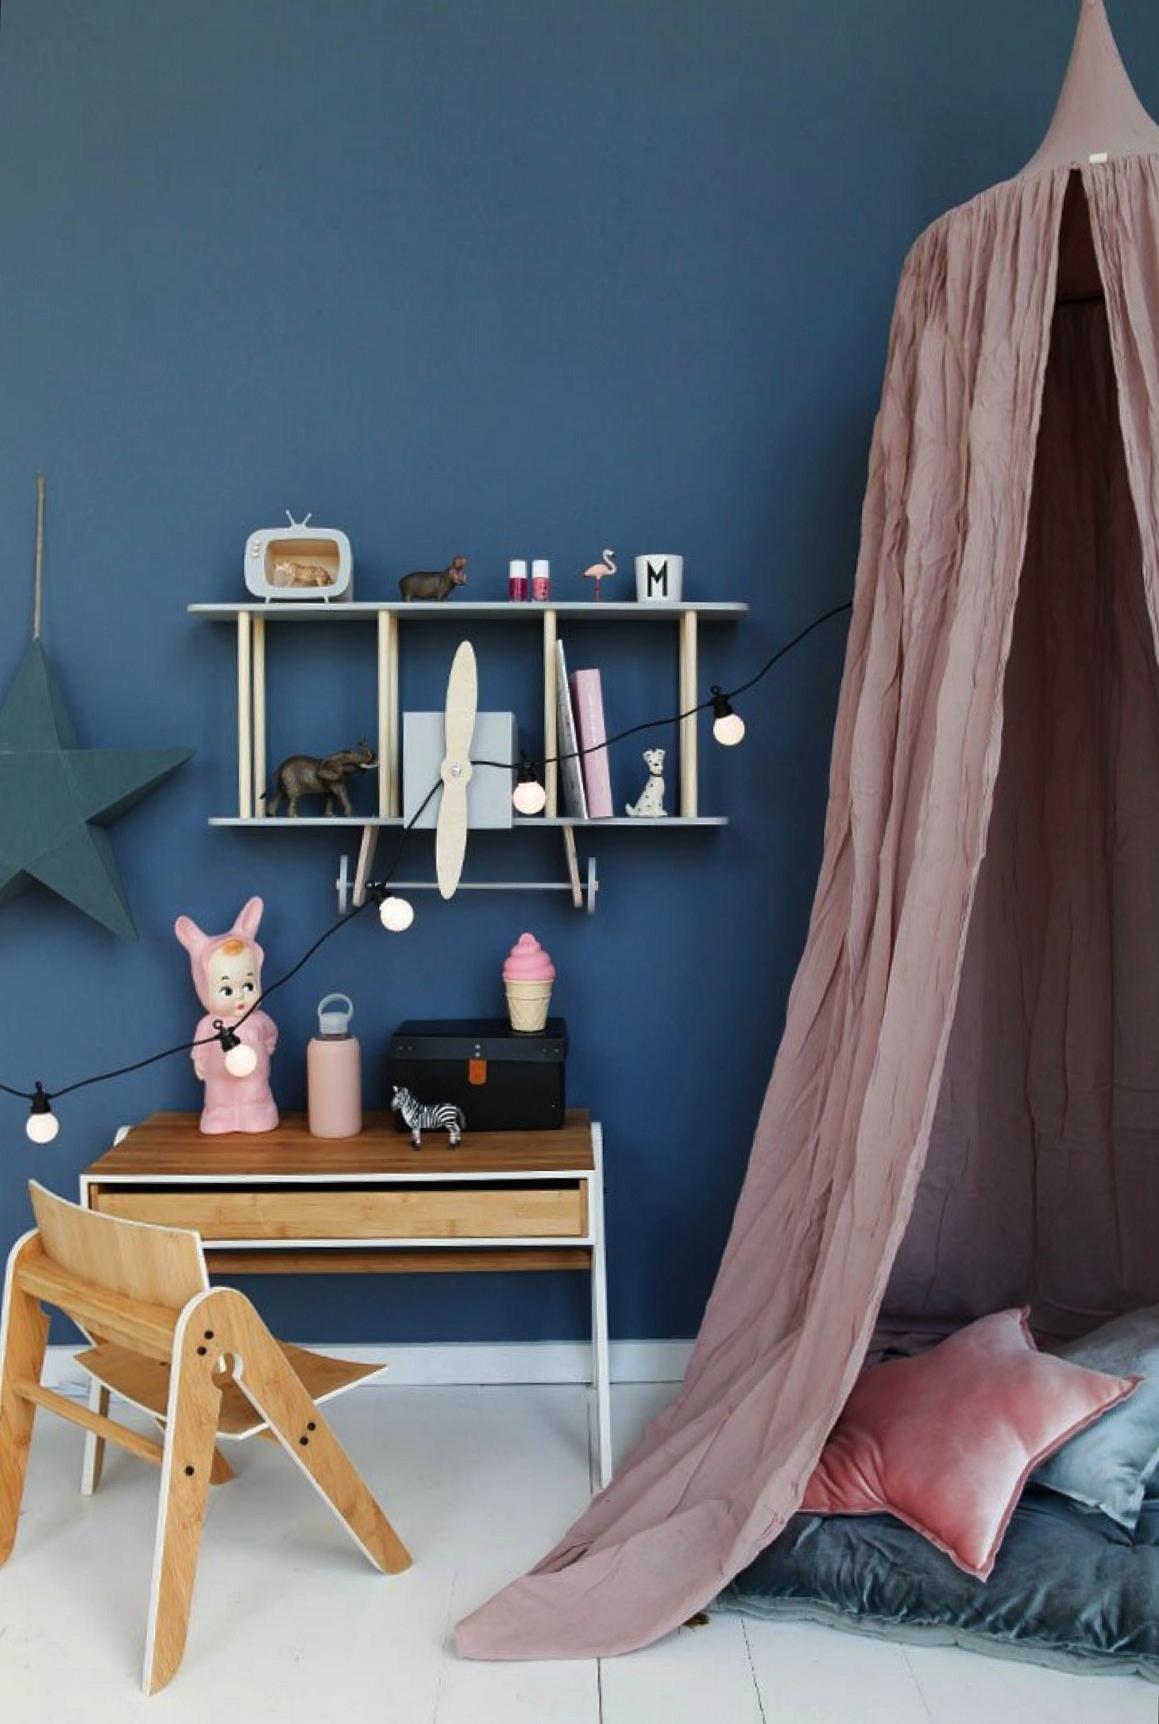 Pour la chambre de votre fille, peignez les murs en bleu et créez un contraste avec un baldaquin couleur rose.